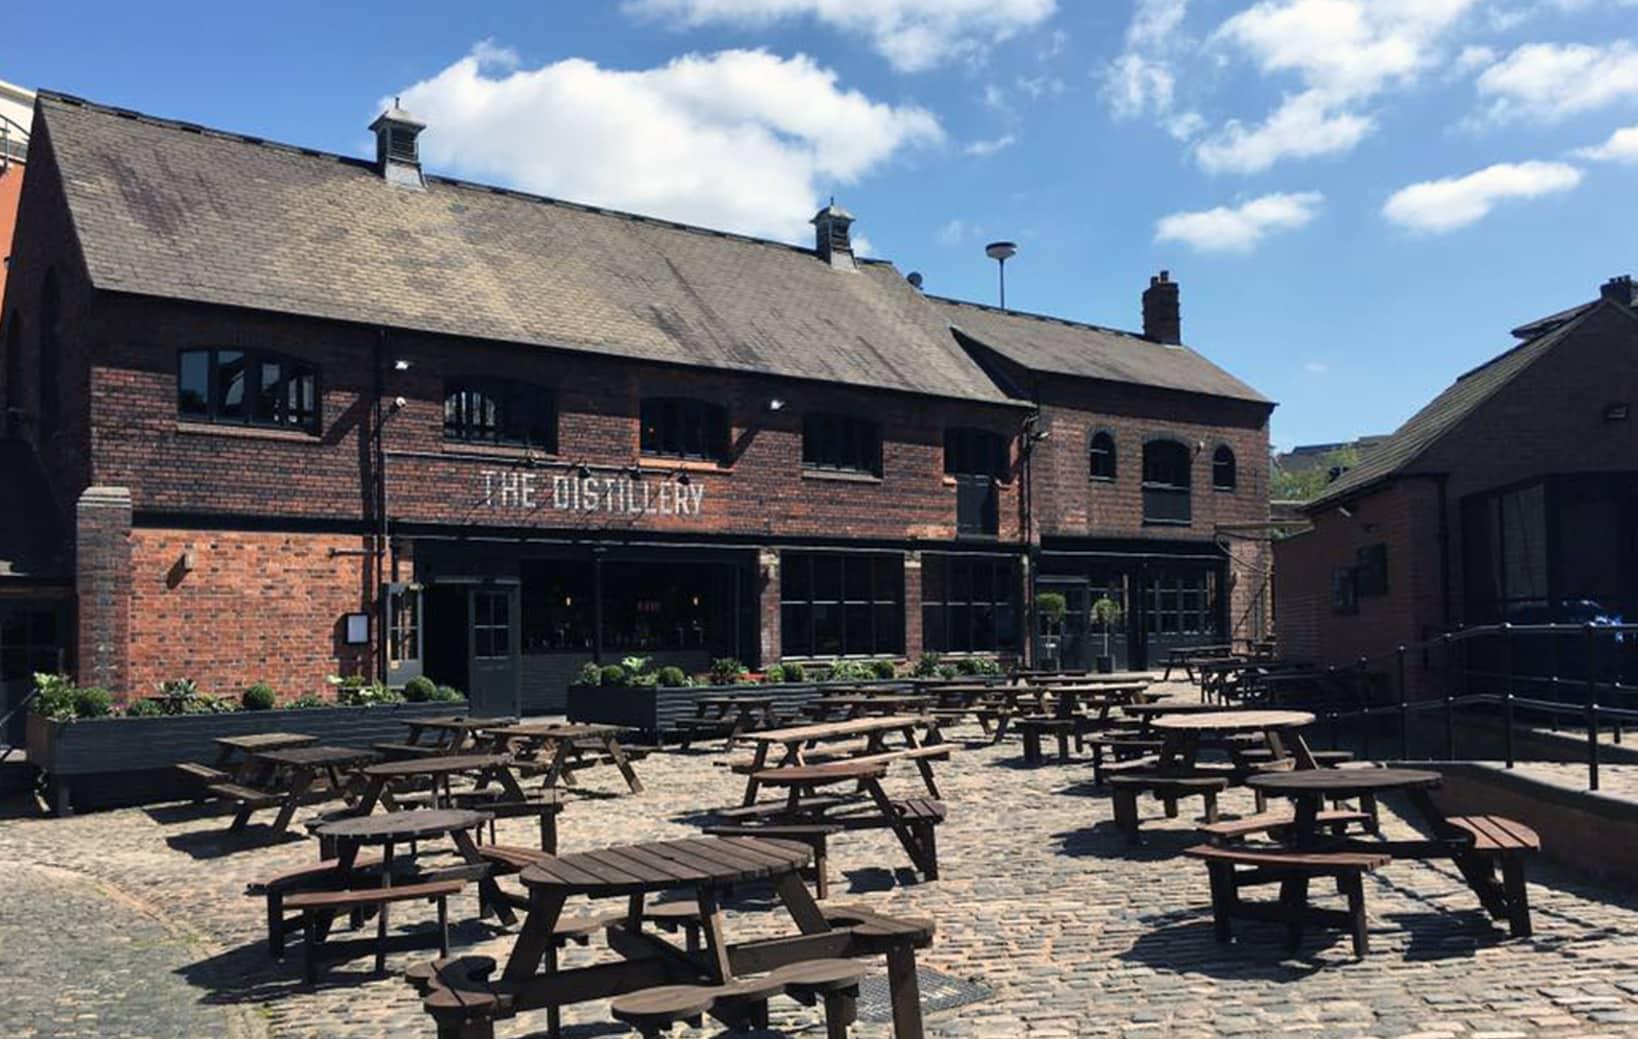 2021-venues-distillery